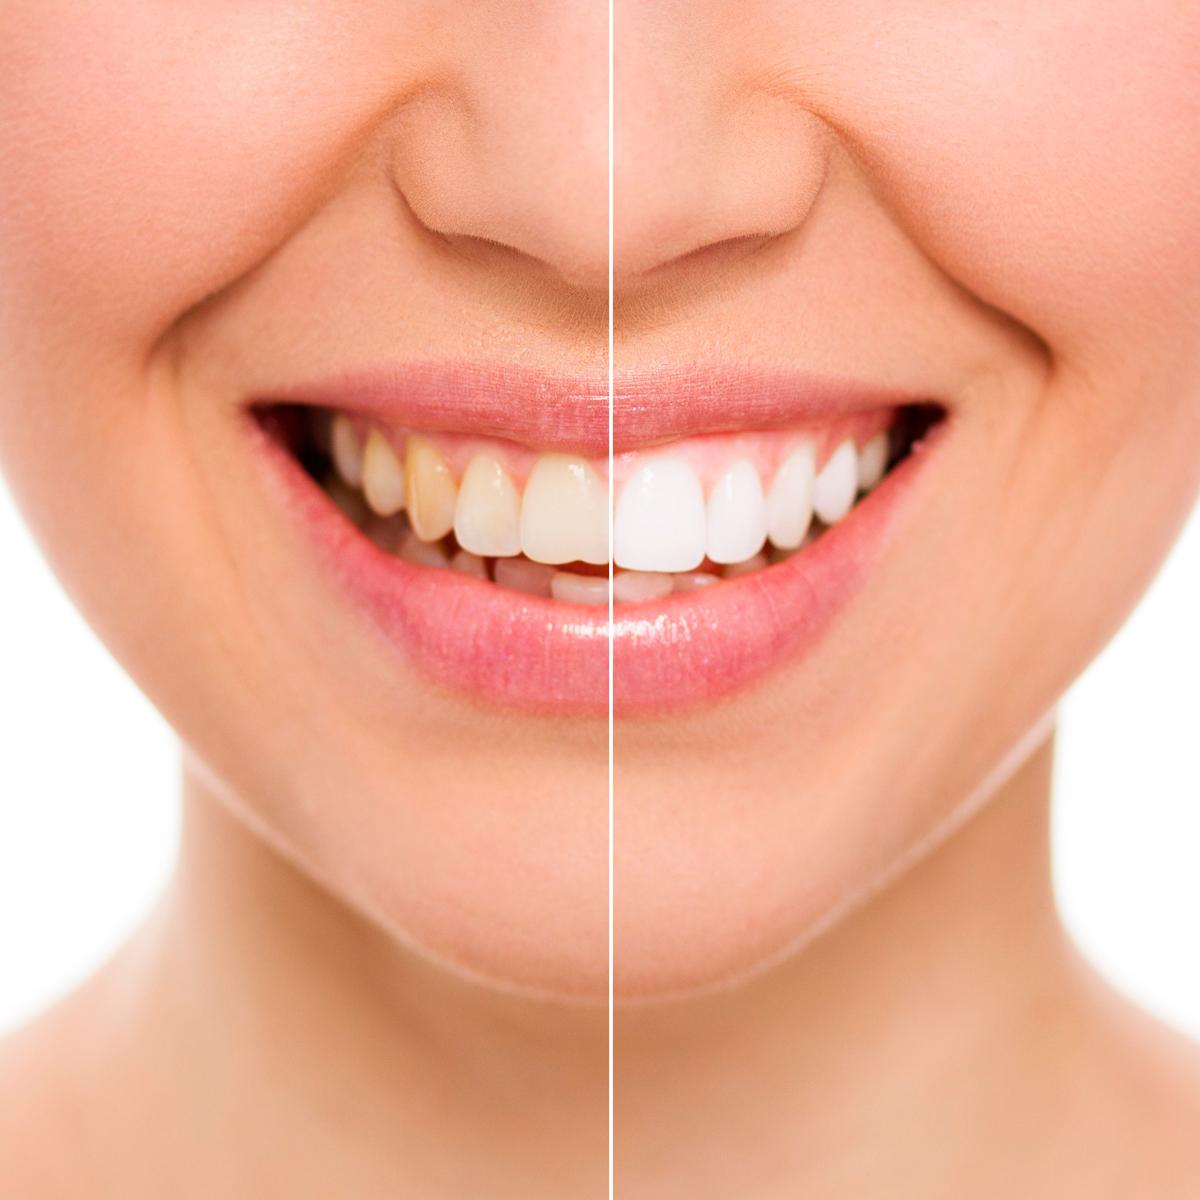 セラミック治療により虫歯再発リスクを最小限に抑える!